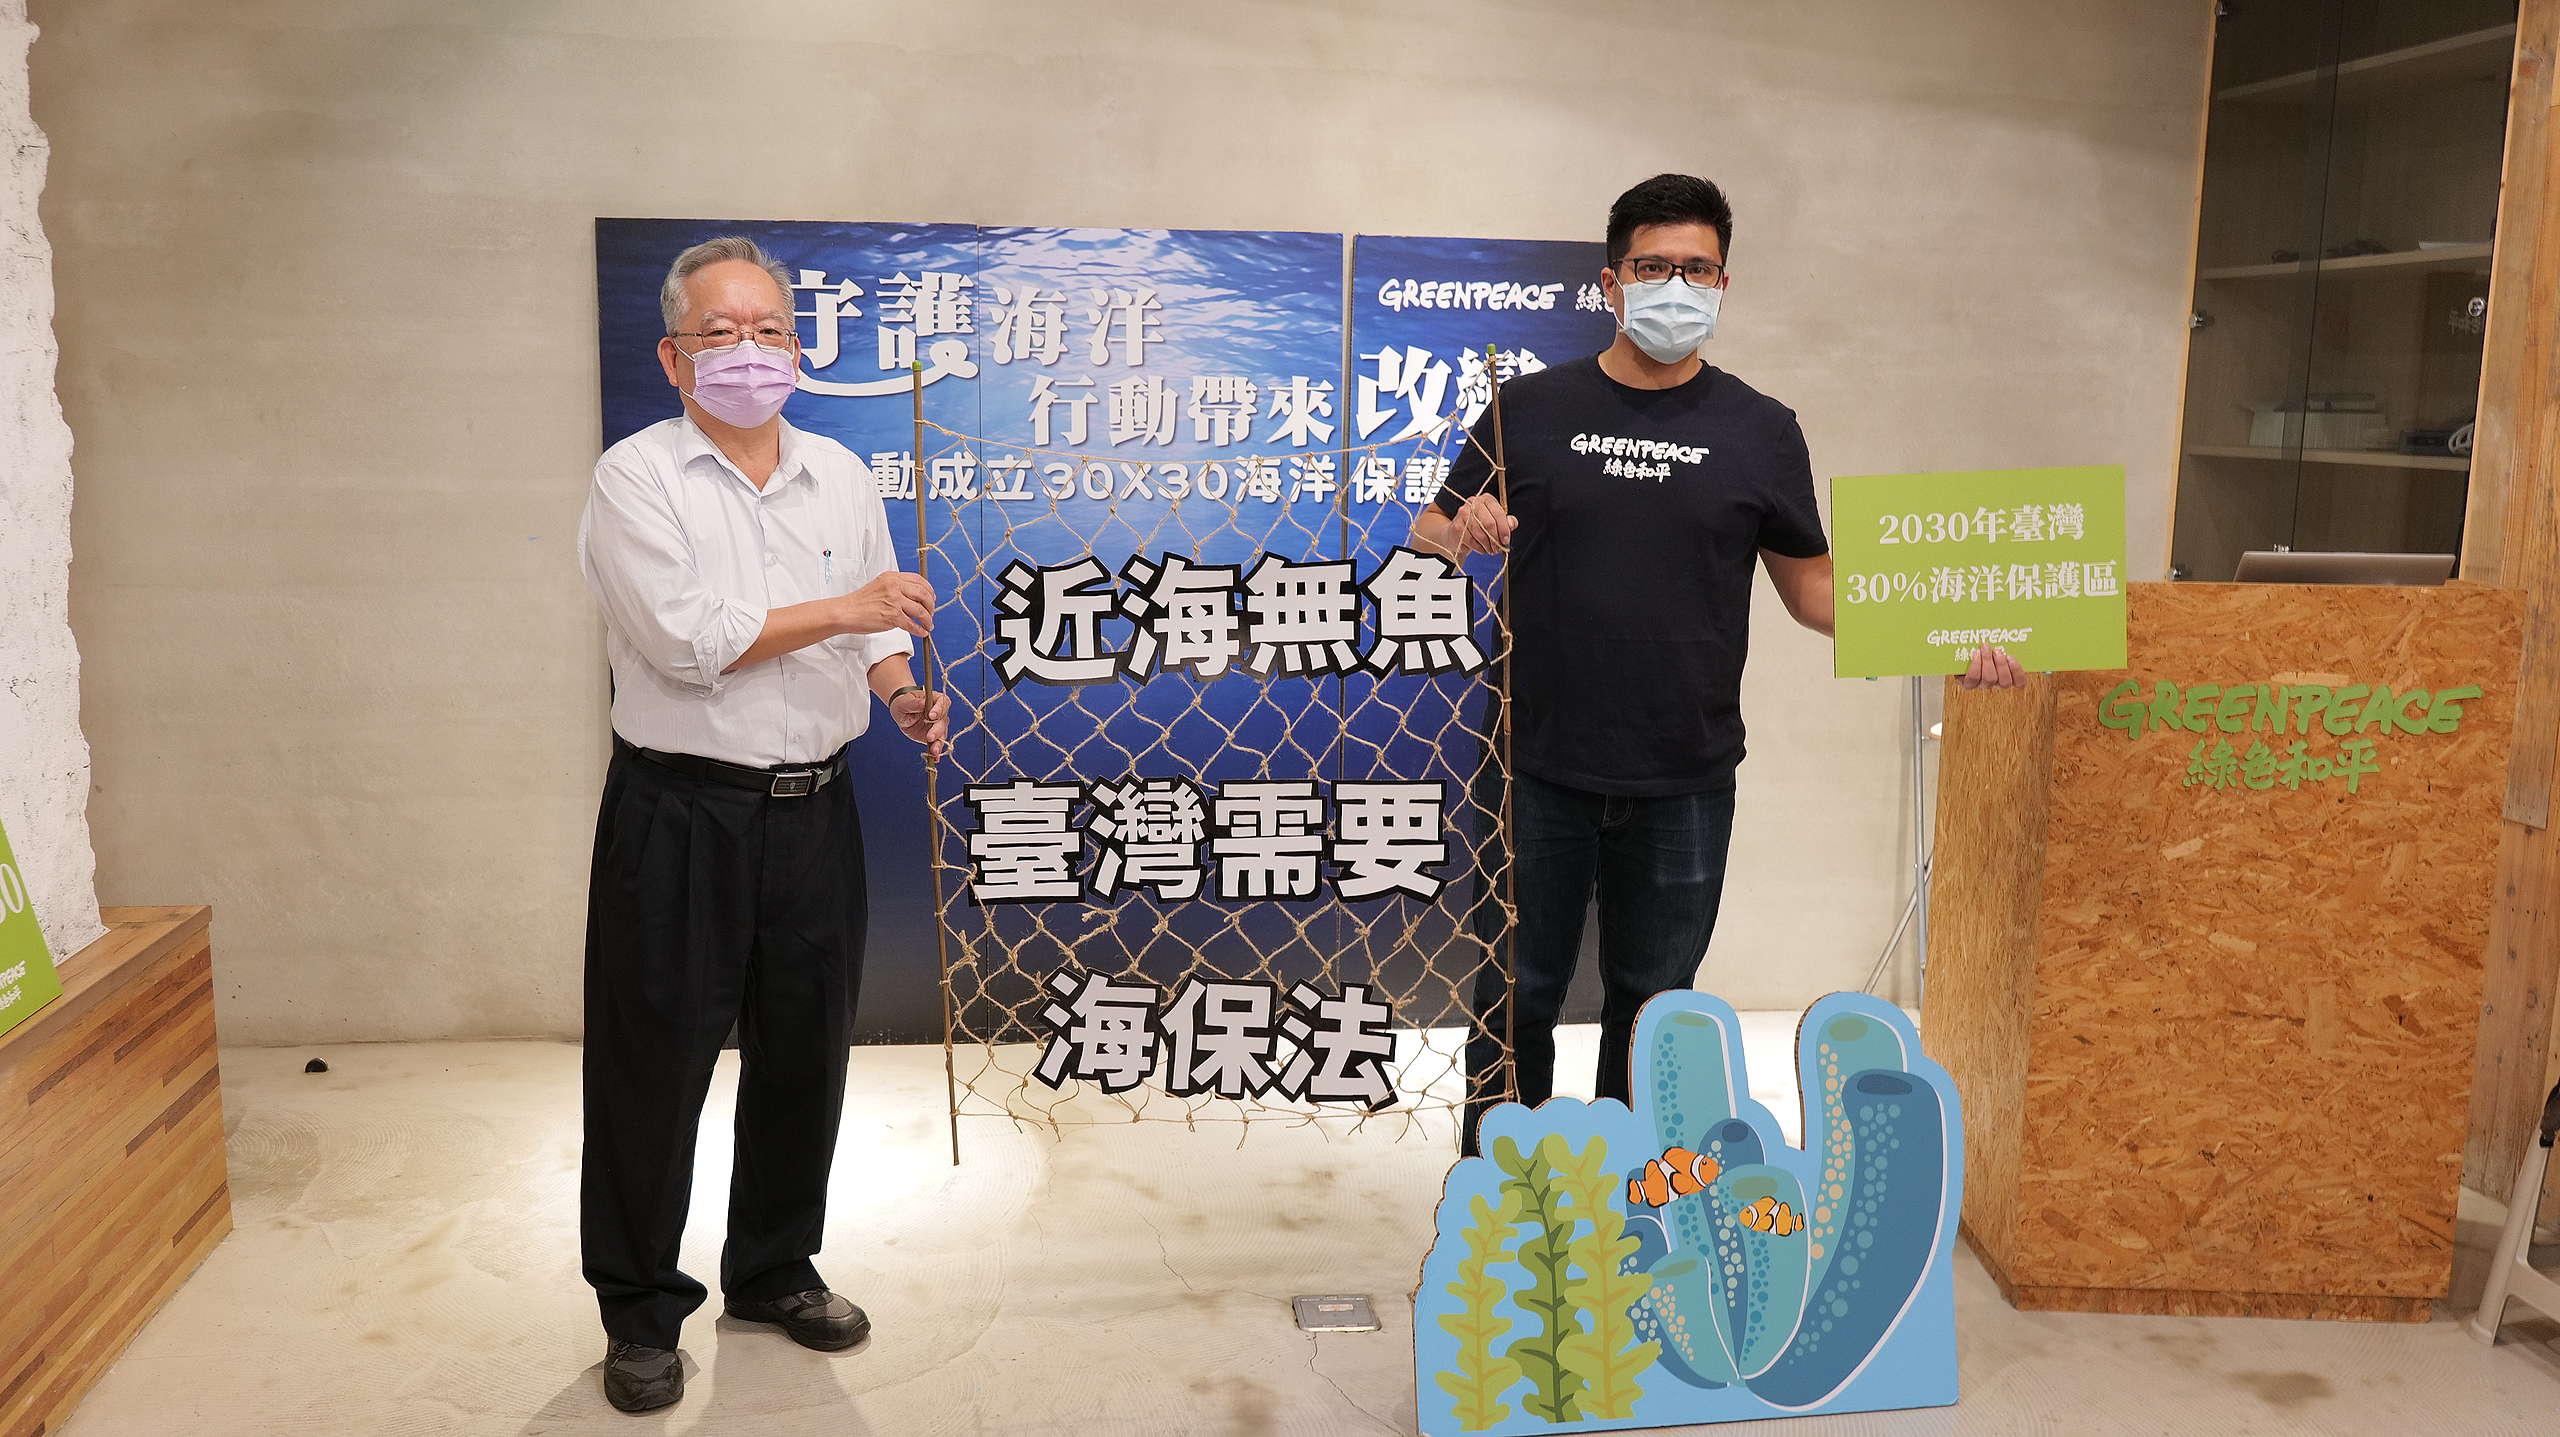 綠色和平於2月25日舉行記者會發表研究報告,左為研究海洋保護區多年、與會專家學者邵廣昭。© Greenpeace